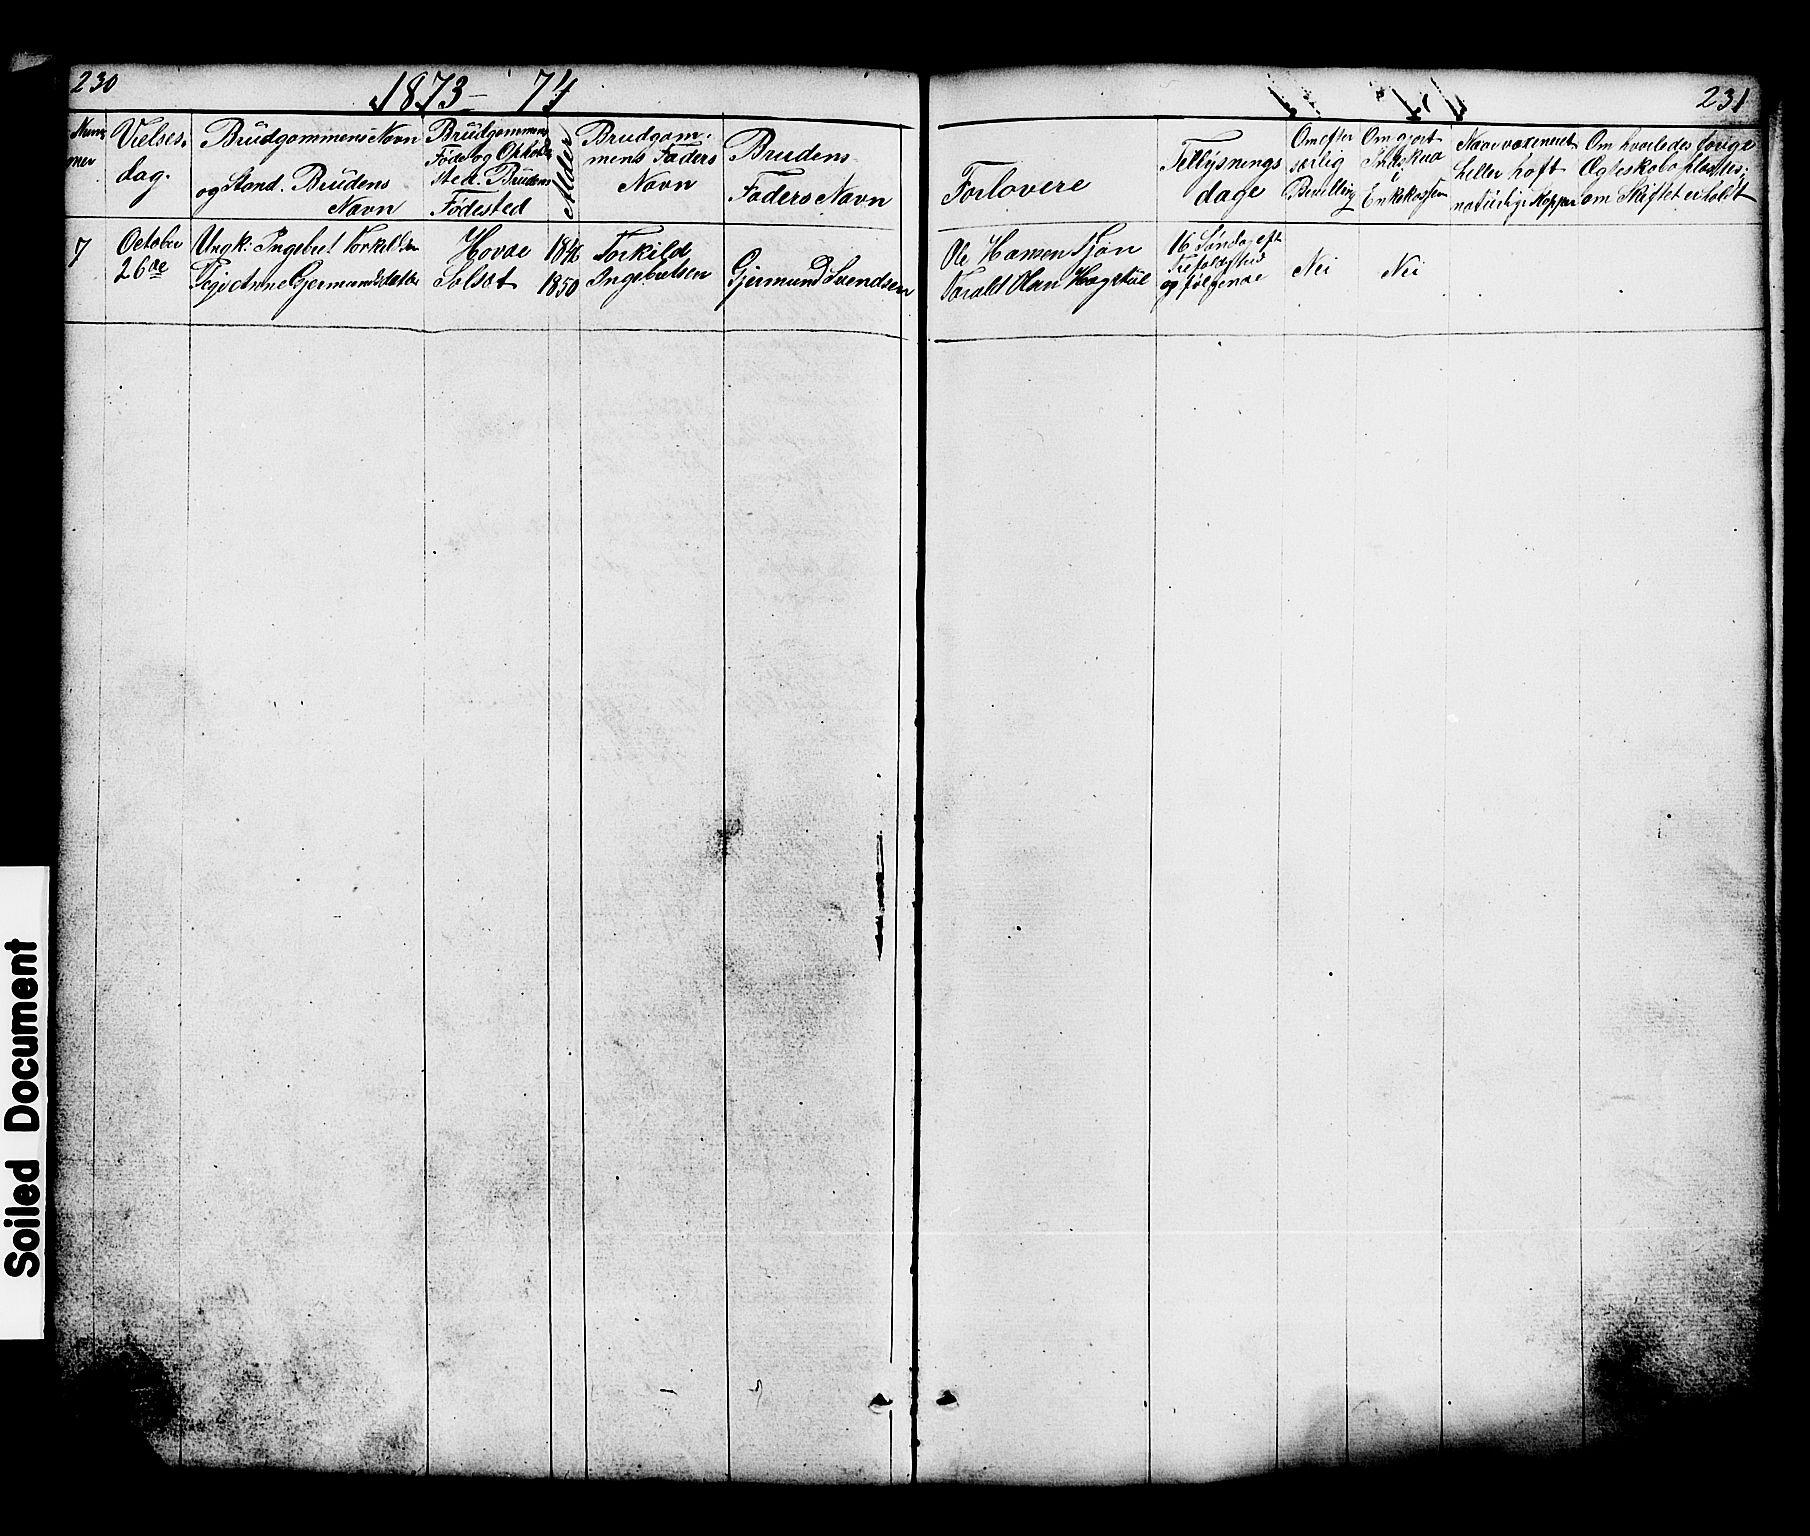 SAKO, Hjartdal kirkebøker, G/Gc/L0002: Klokkerbok nr. III 2, 1854-1890, s. 230-231